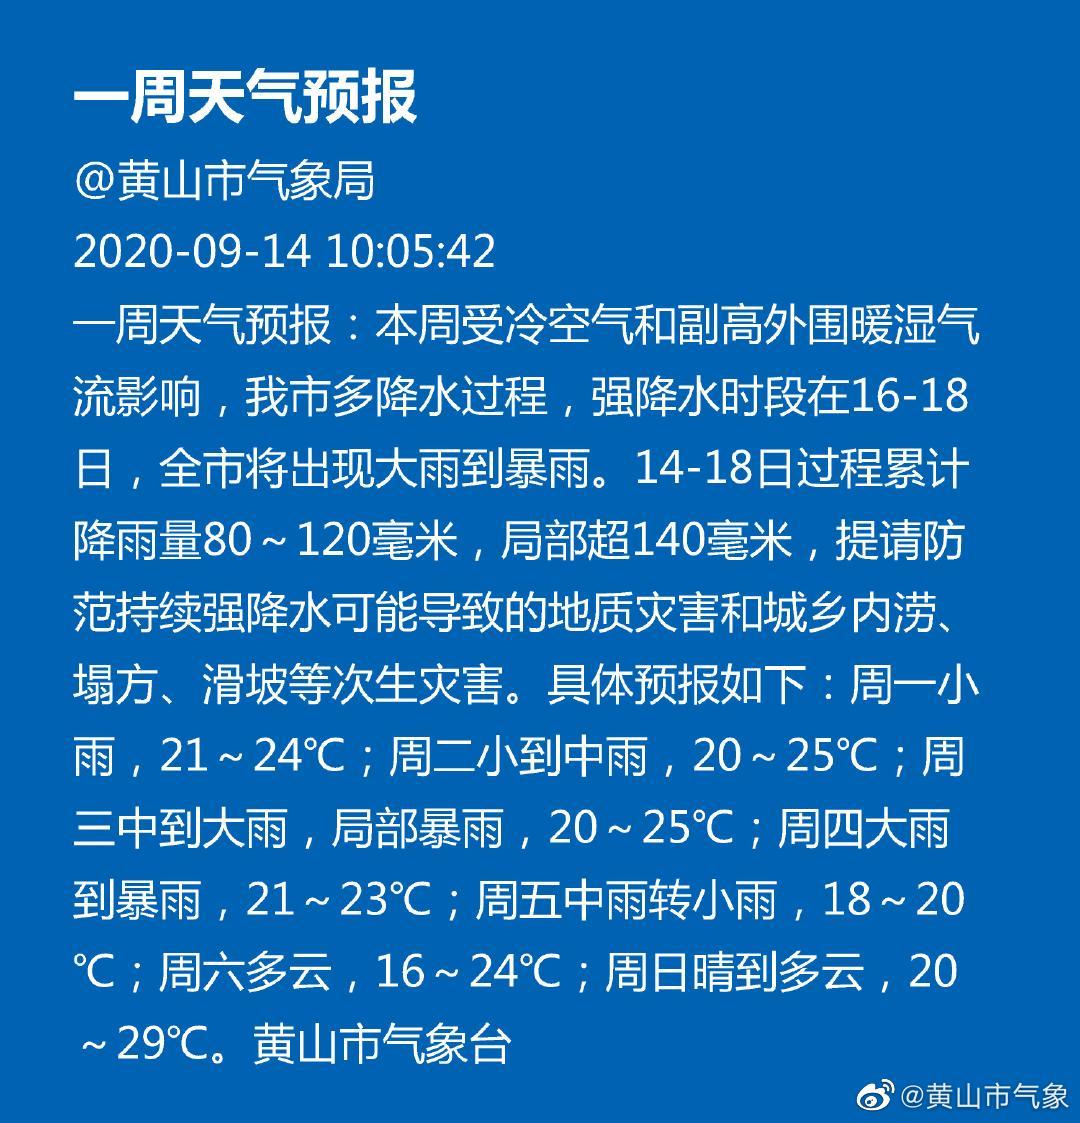 黄山市天气预报20200914一周天气预报